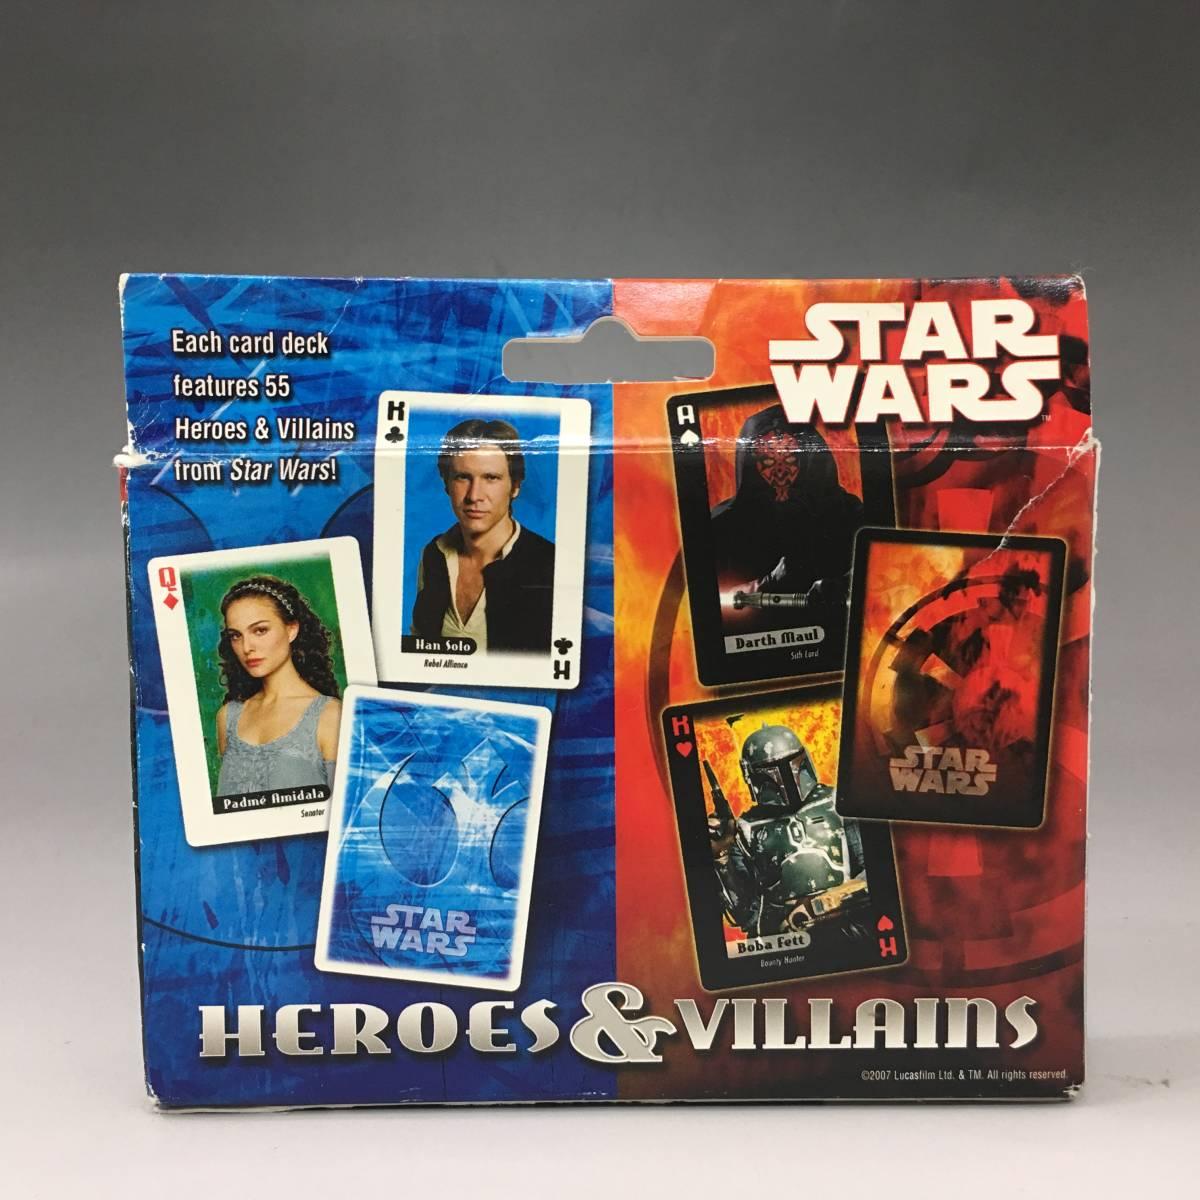 Tb10/31/09 【未使用品】 スターウォーズ プレイングカード HEROES&VILLAINS 2デッキセット トランプ カードゲーム_画像3